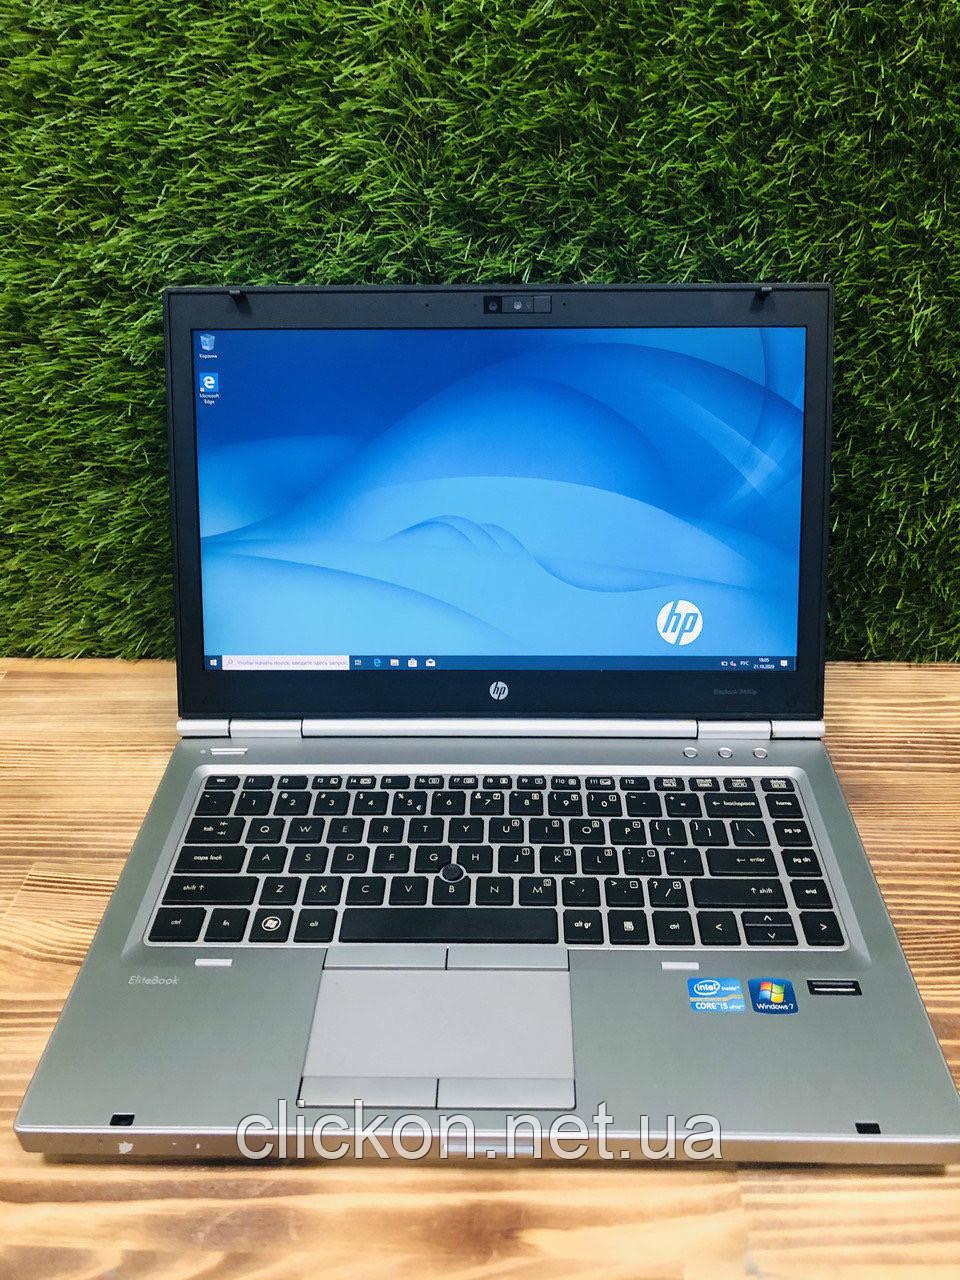 Ноутбук HP Elitebook 8460P Core i5-2520m/4/320/ Ati Radeon 6470m